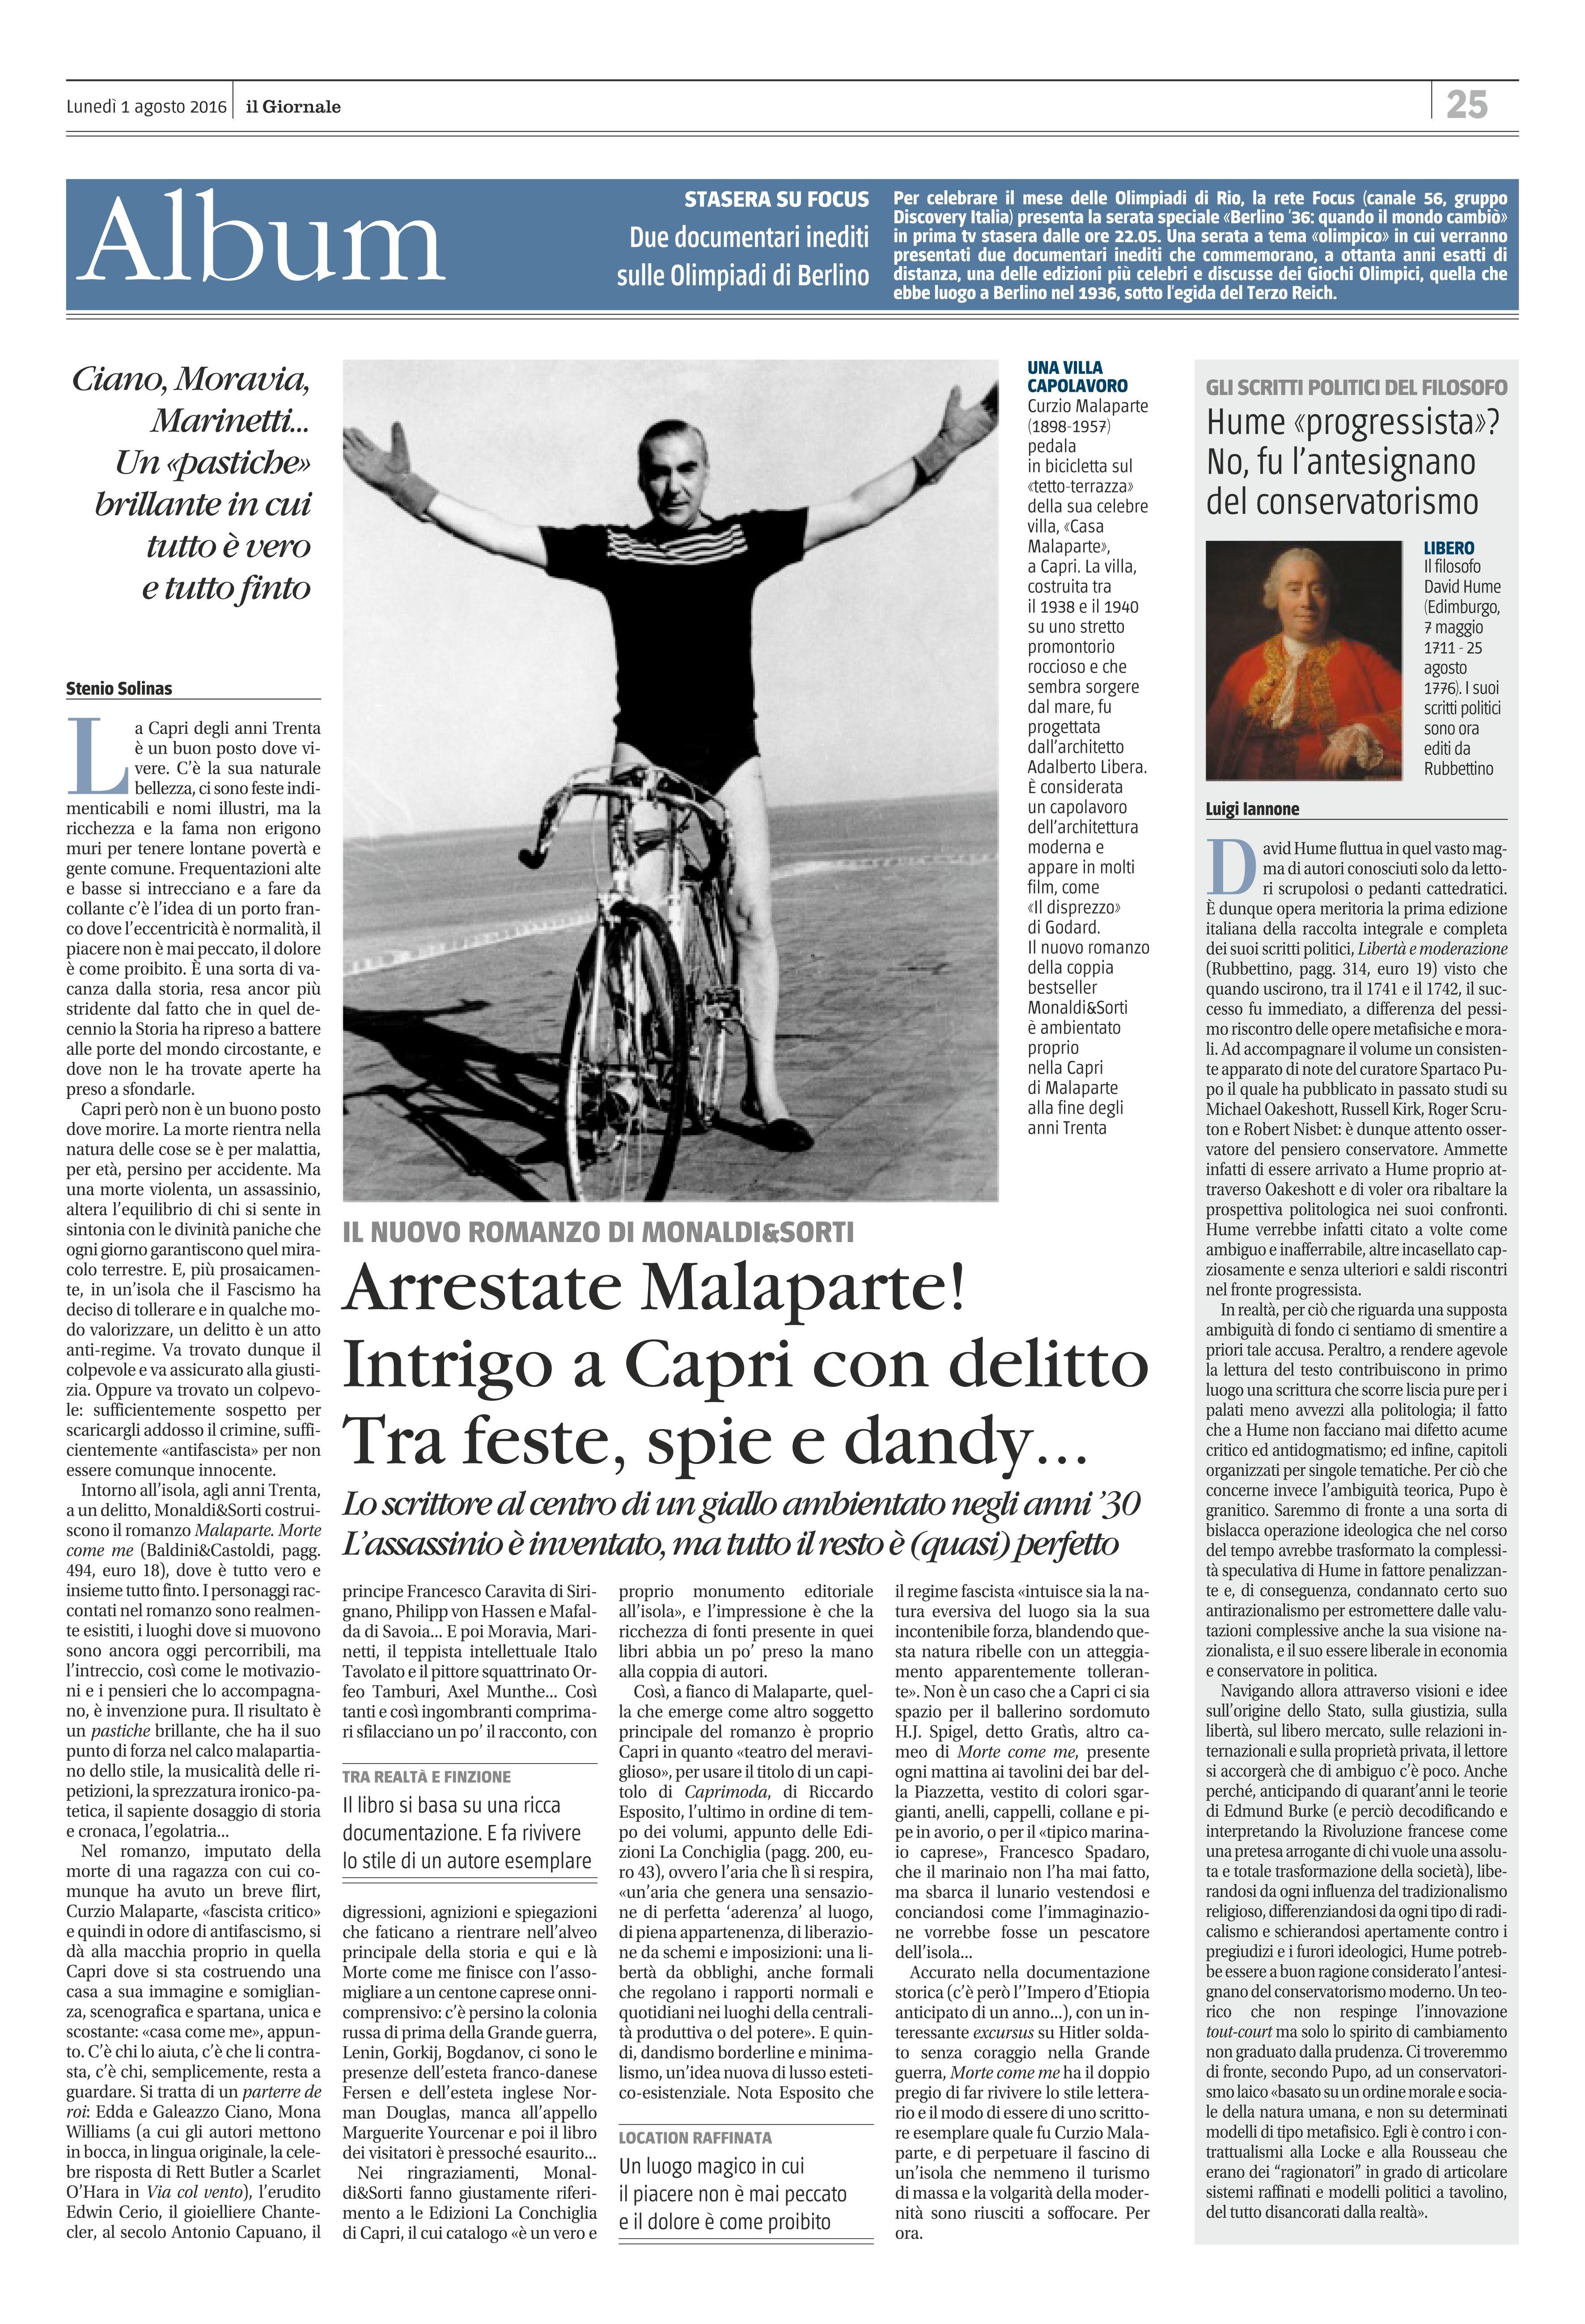 Stenio Solinas - Il Giornale